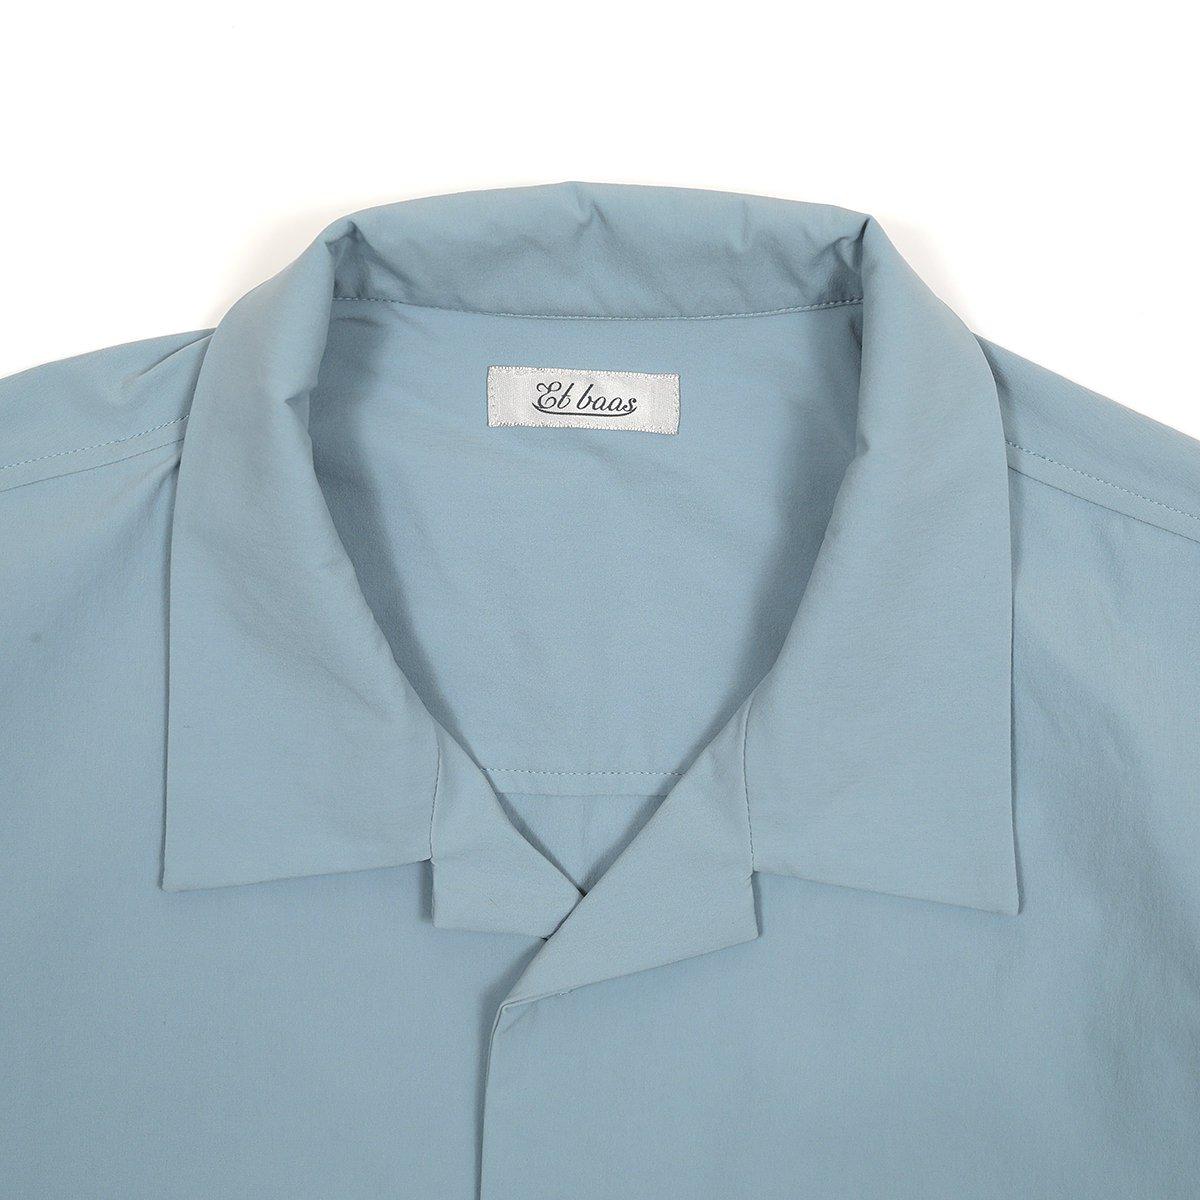 S/S W Pocket Shirts 詳細画像18